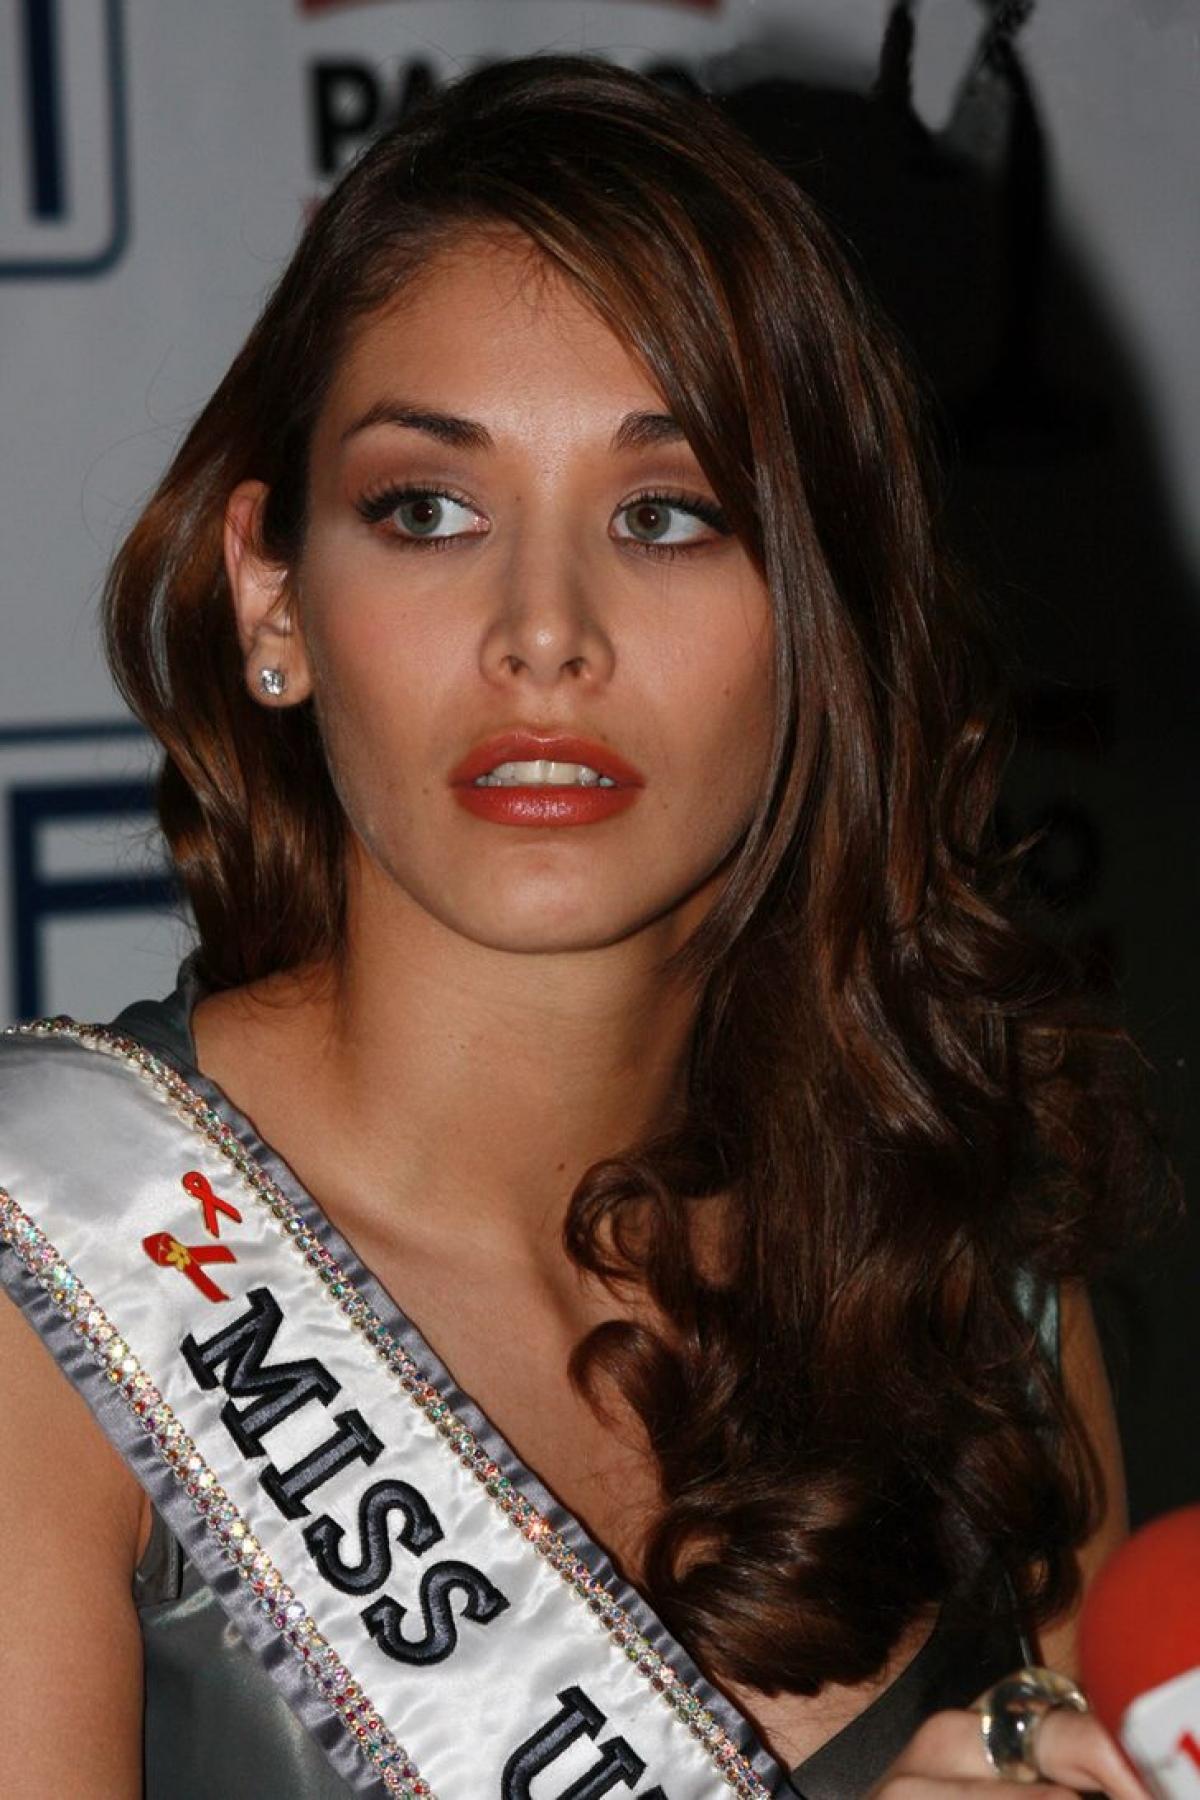 Dayana Mendoza là người đẹp vùng Caracas ở Venezuela. Cô đăng quang Hoa hậu Venezuela 2007 và được chọn đại diện nước này tham dự Hoa hậu Hoàn vũ 2008, tổ chức tại Nha Trang, Việt Nam.Ngày 14/7/2008, Dayana Mendoza trở thành chủ nhân chiếc vương miện trị giá 120.000 USD.